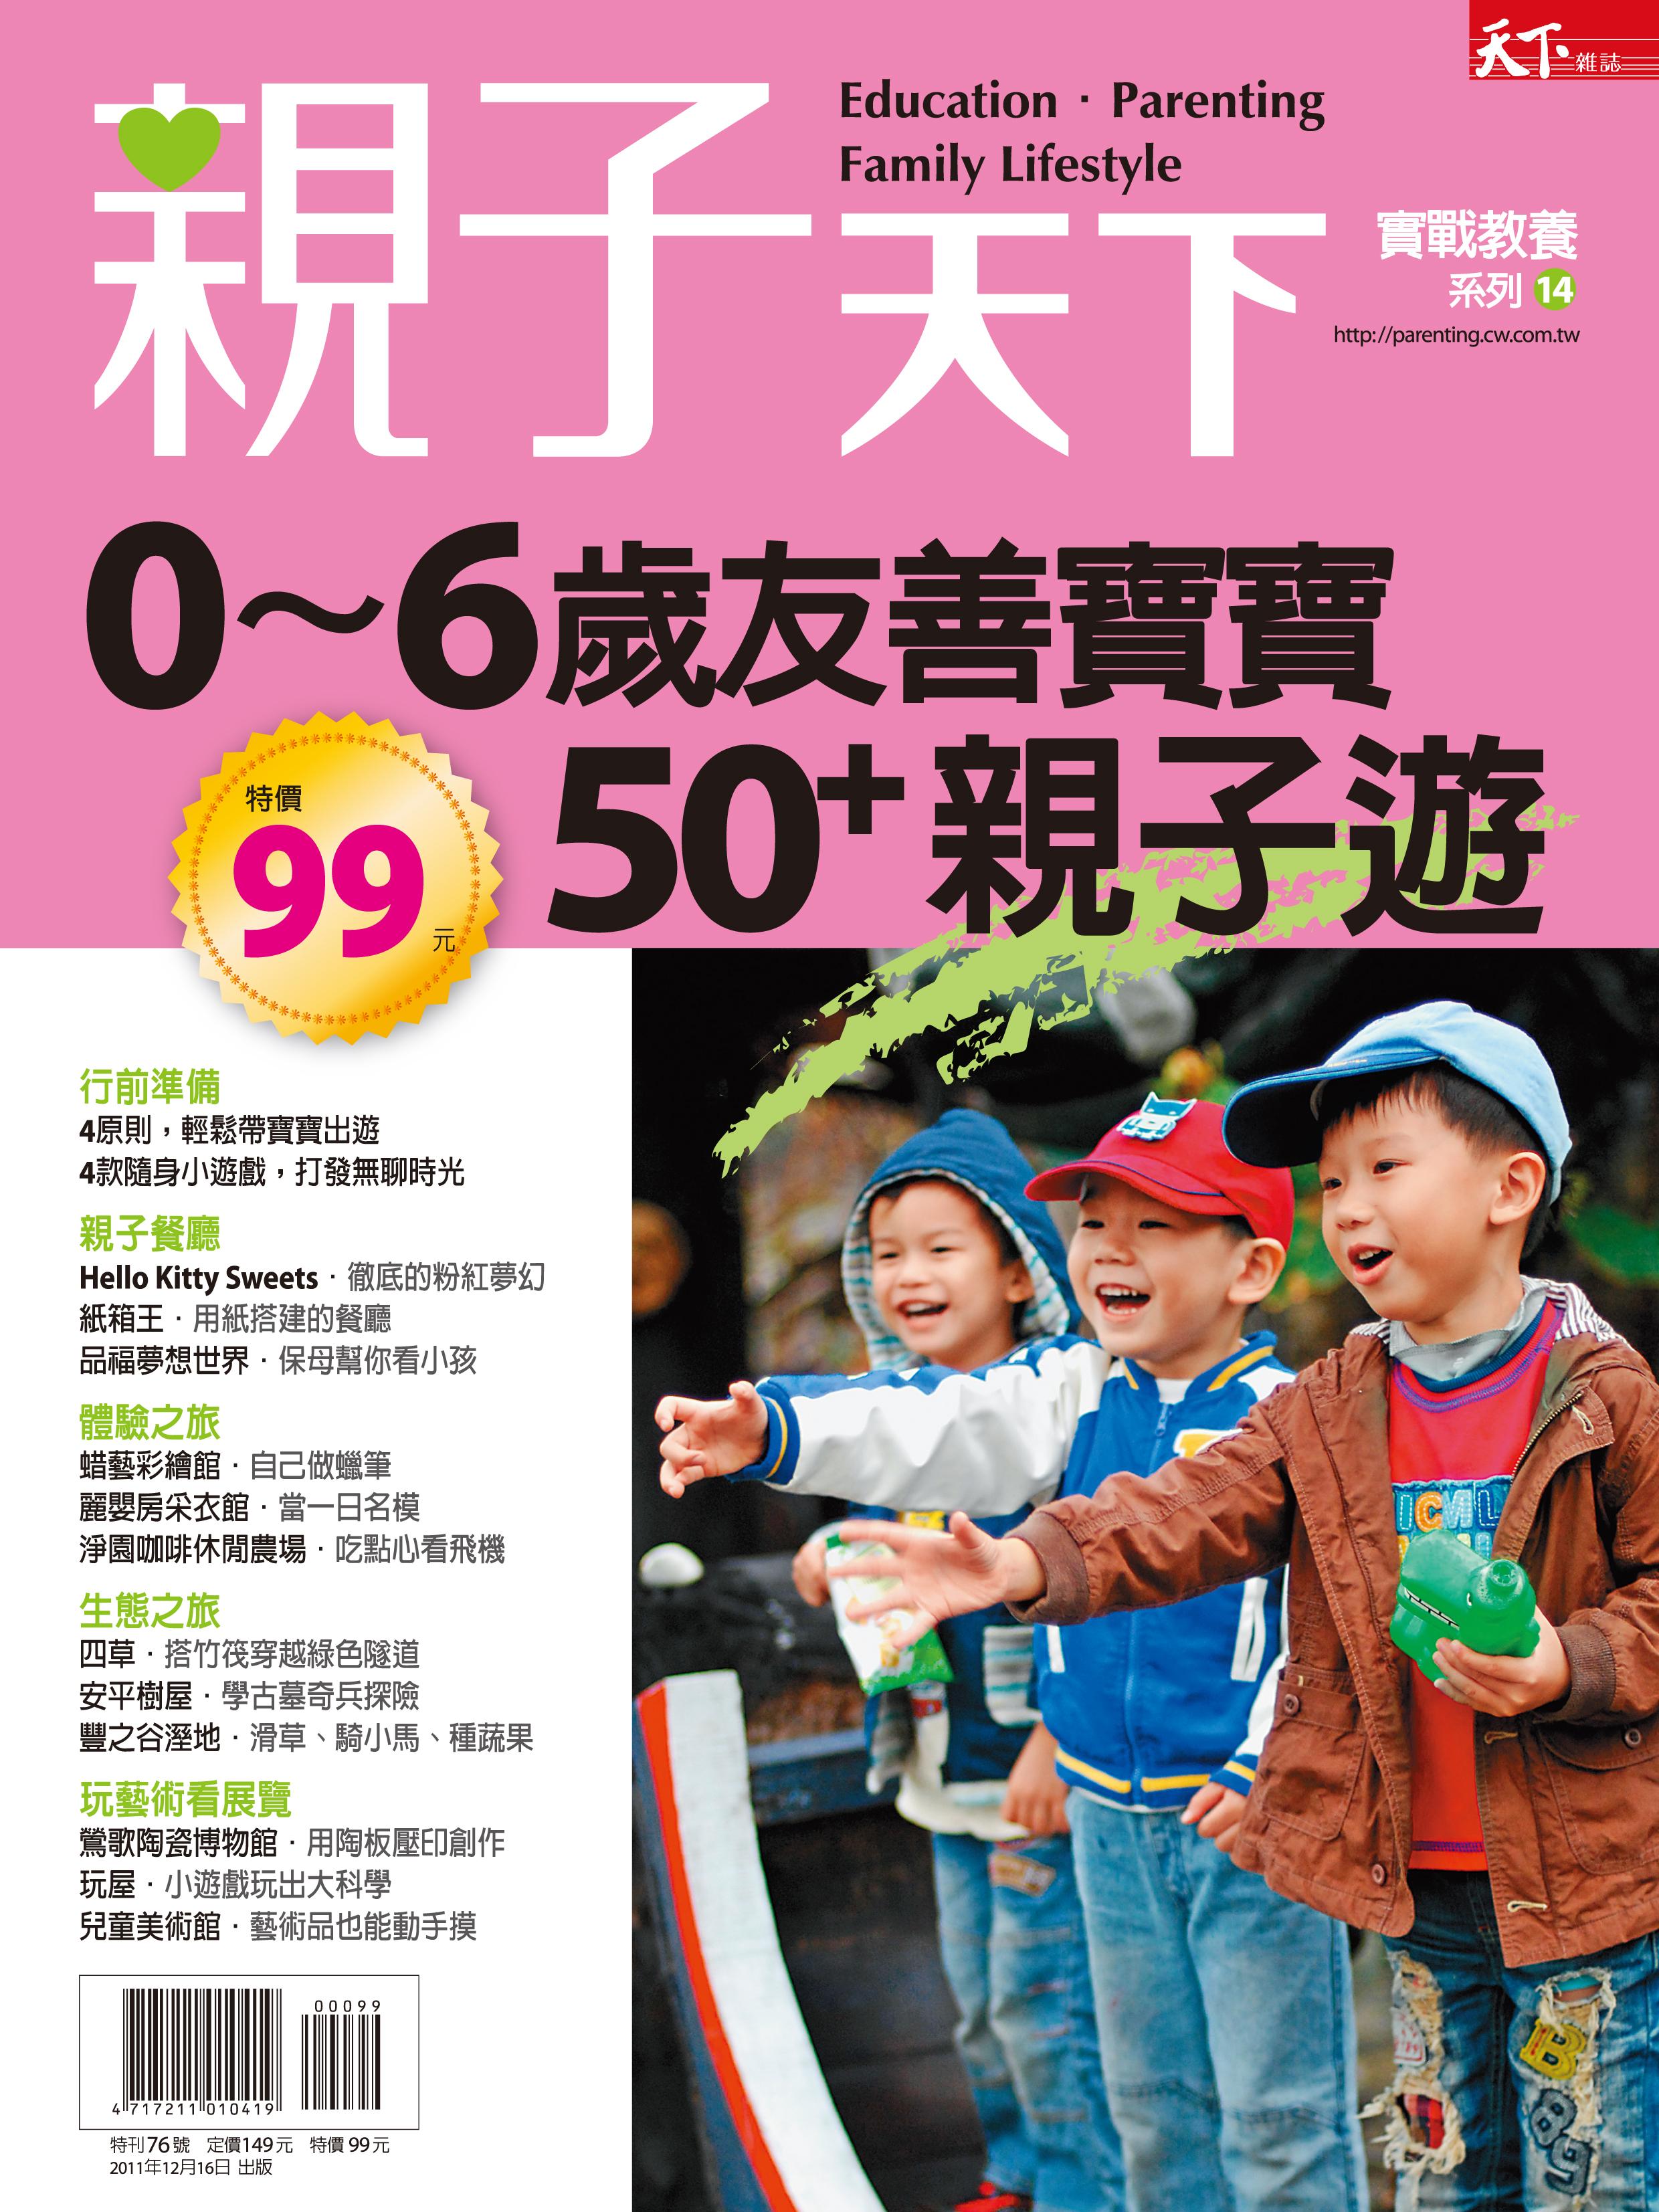 2011-12-16 親子天下專特刊14期